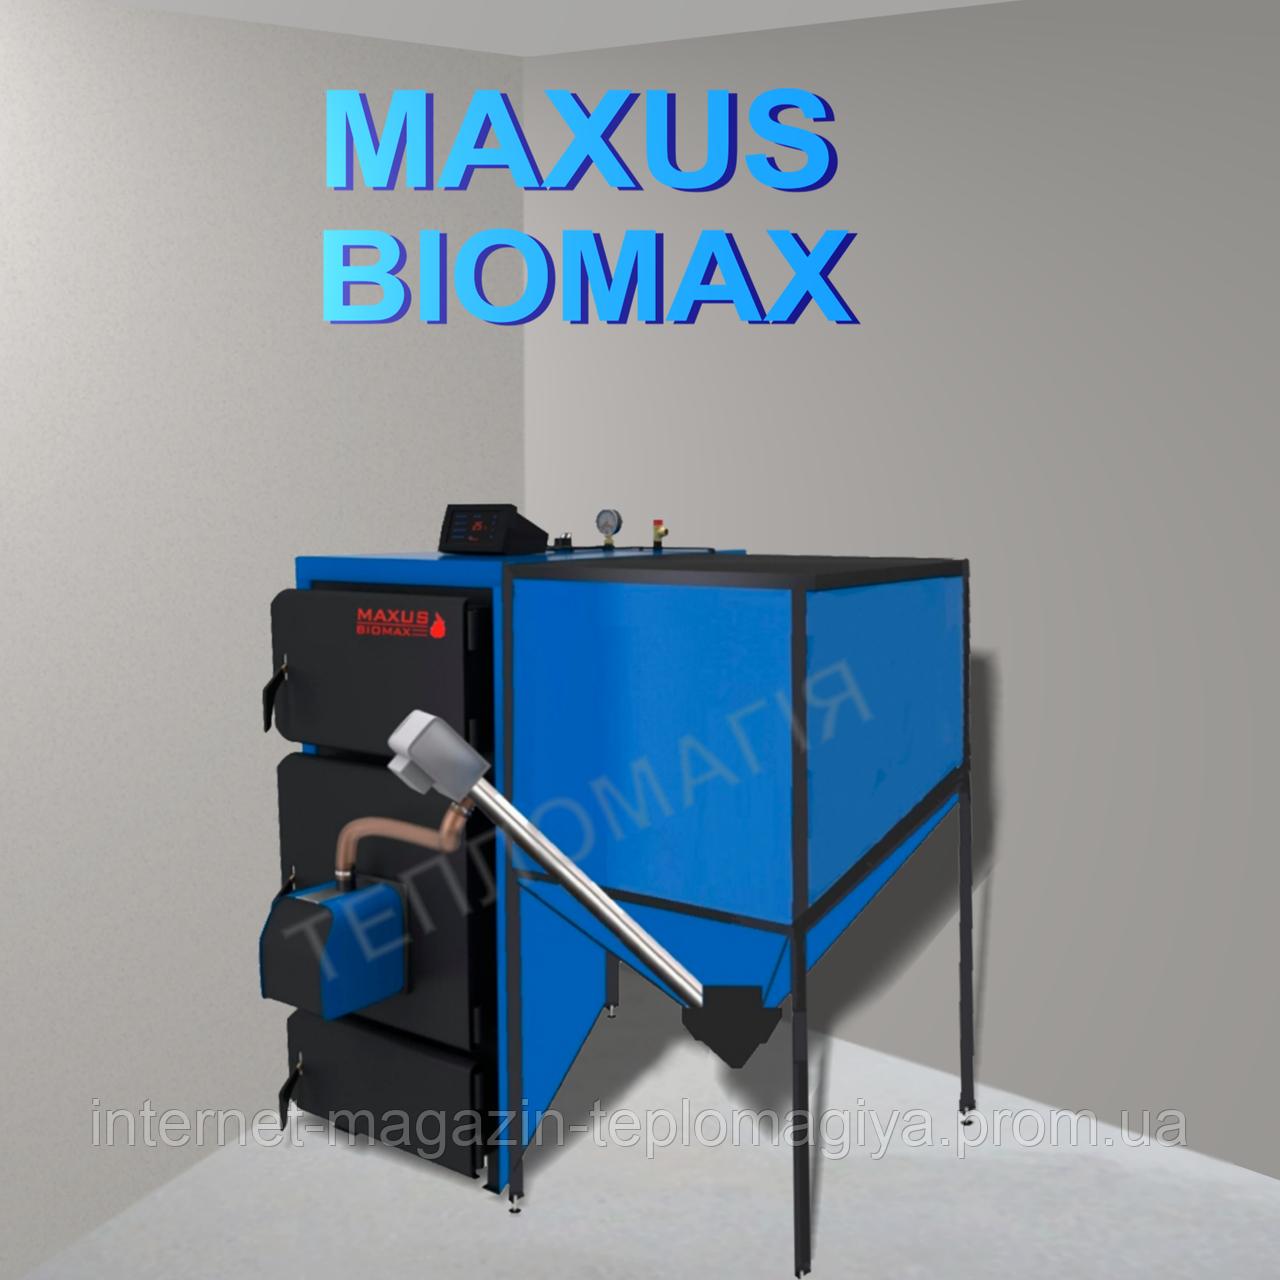 Автоматичний твердопаливний пелетний котел Maxus BIOMAX 70 кВт